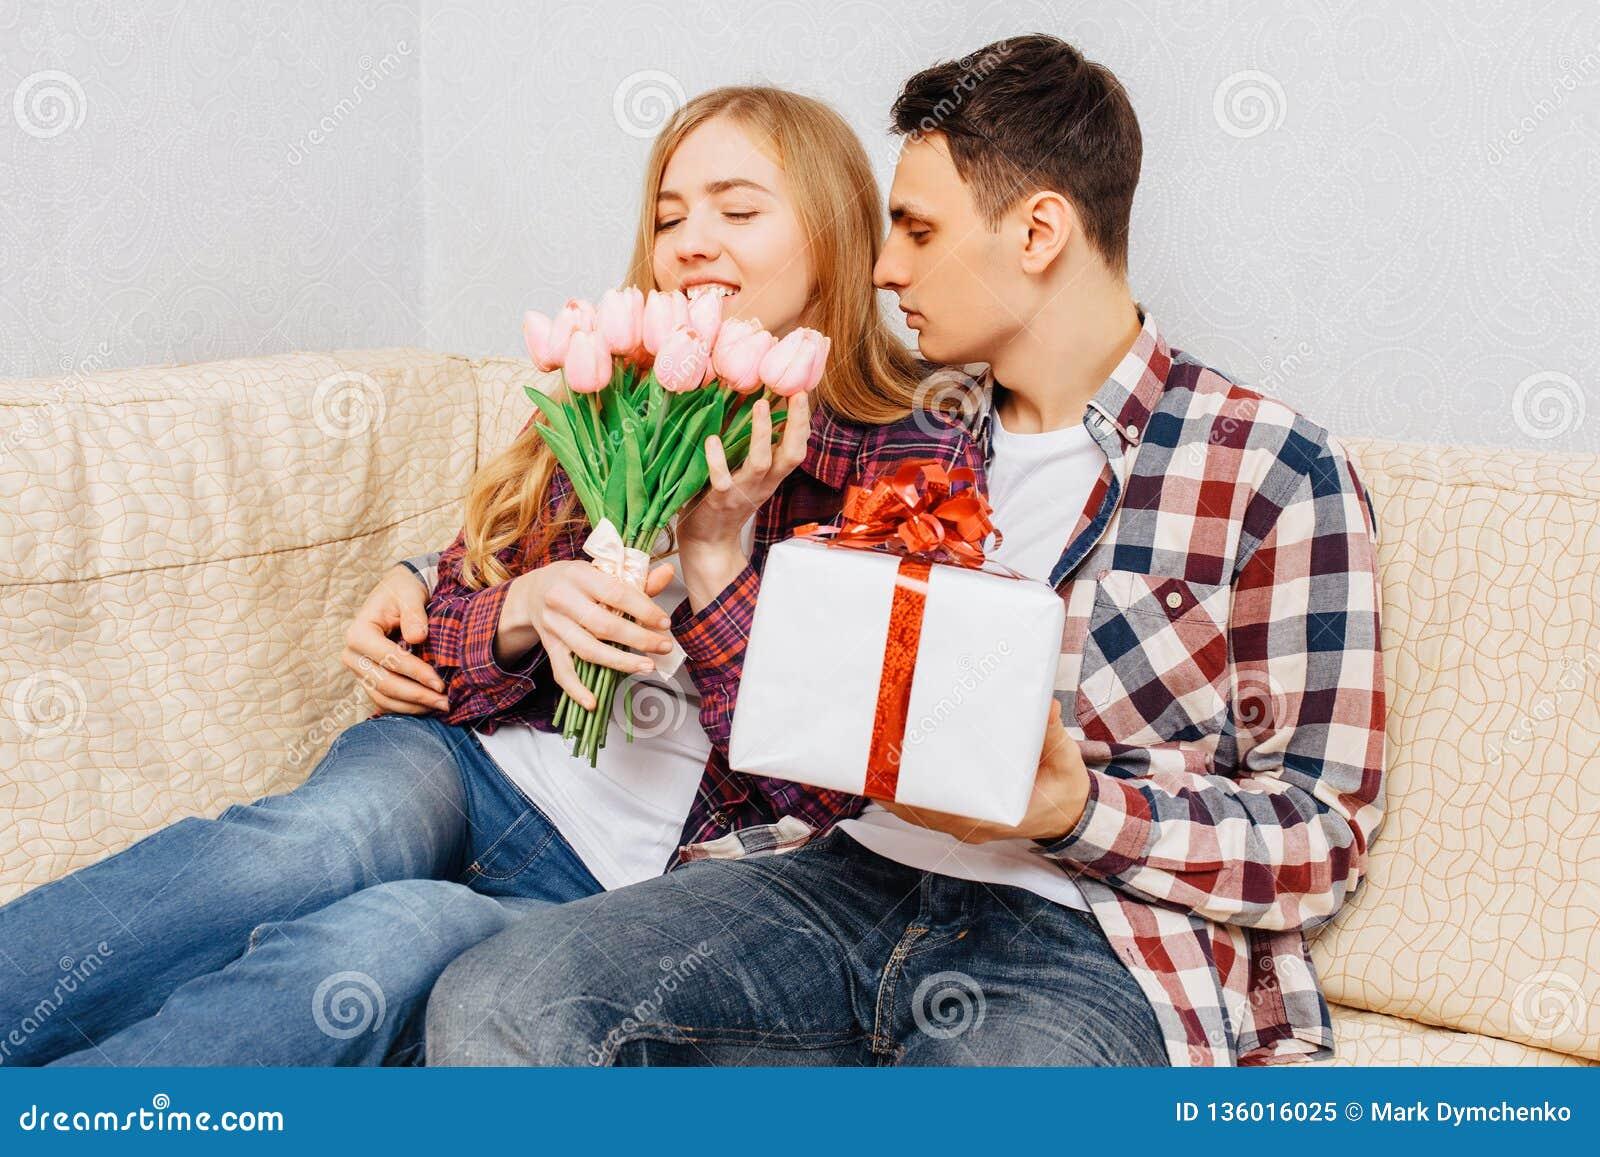 Een jong paar in liefde, een man wenst een vrouw door haar een boeket van tulpen en een gift geluk te geven, thuis zittend met de